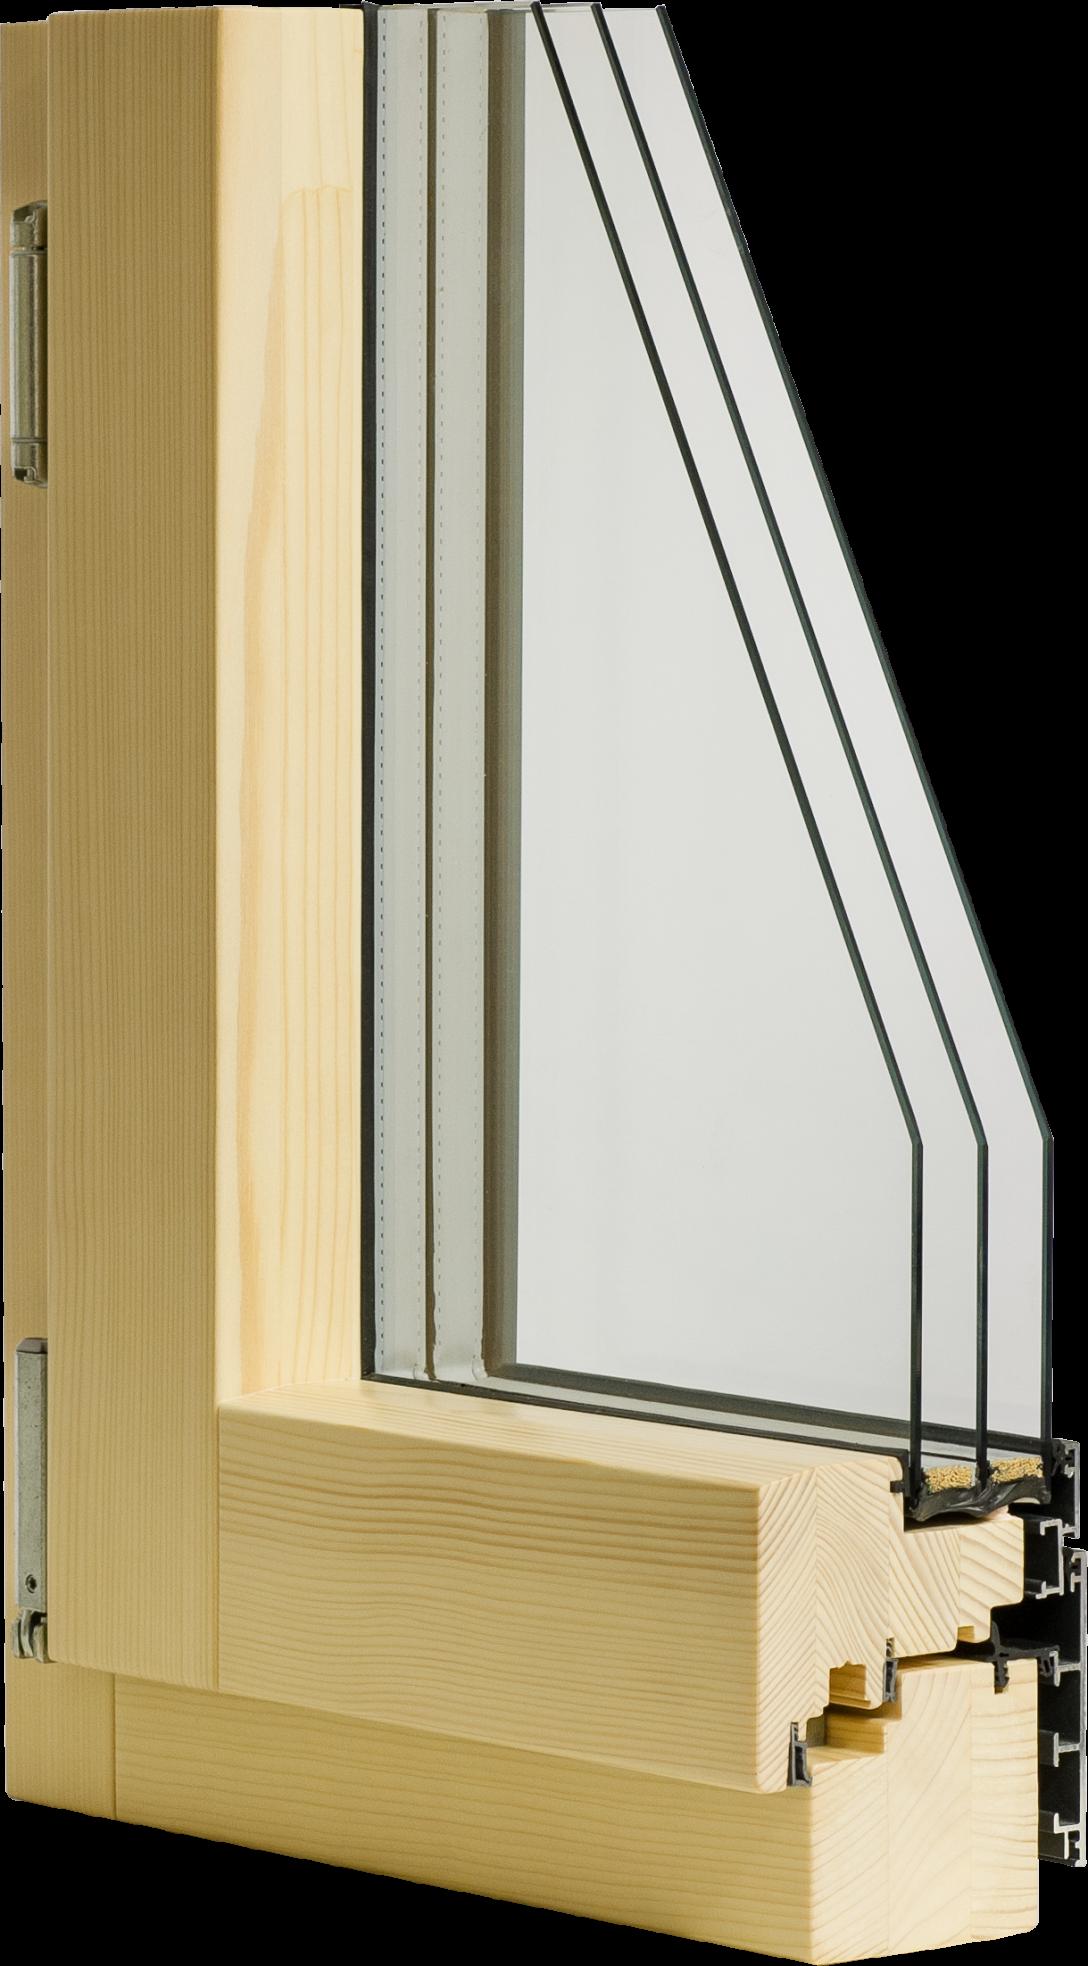 Large Size of Holz Alu Fenster Mit 3 Fach Verglasung Auen Flchenbndig Sichtschutzfolie Für Insektenschutz Bad Unterschrank Massivholz Schlafzimmer Waschtisch Schüko Fenster Holz Alu Fenster